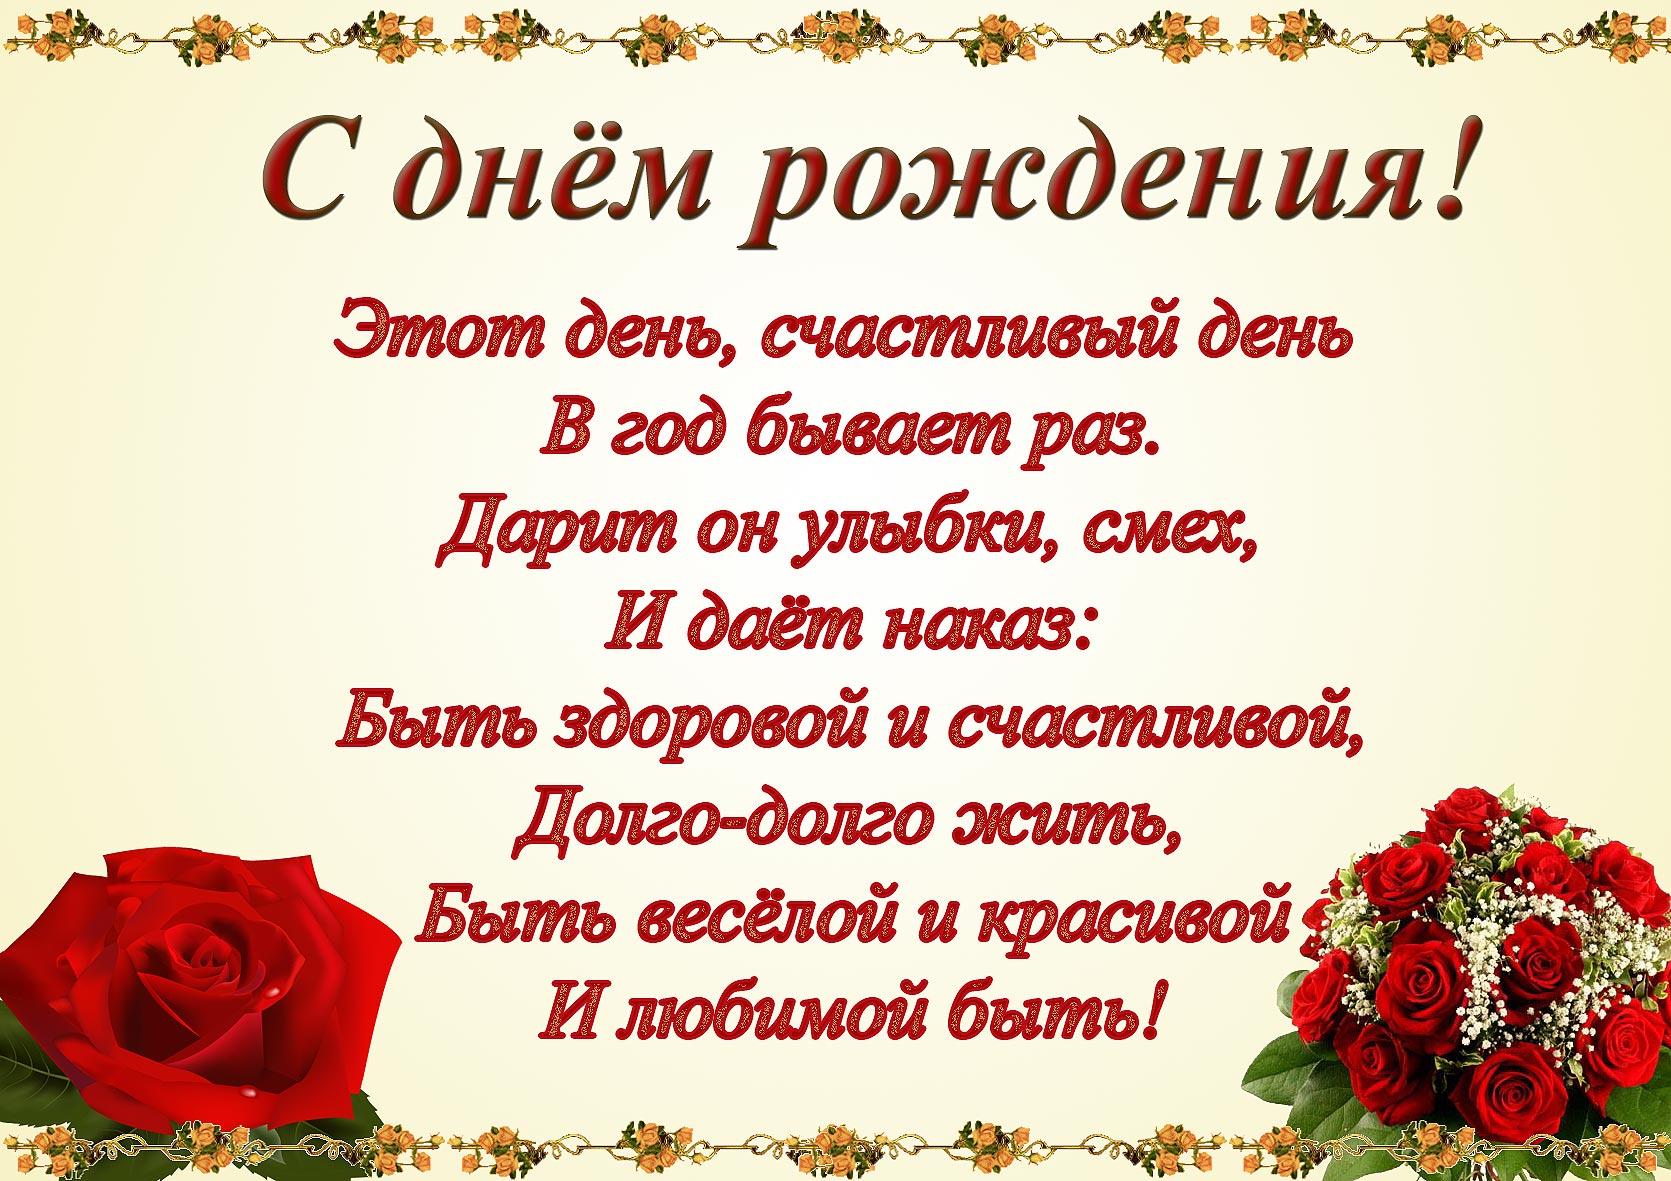 http://sg.uploads.ru/GUCJ7.jpg